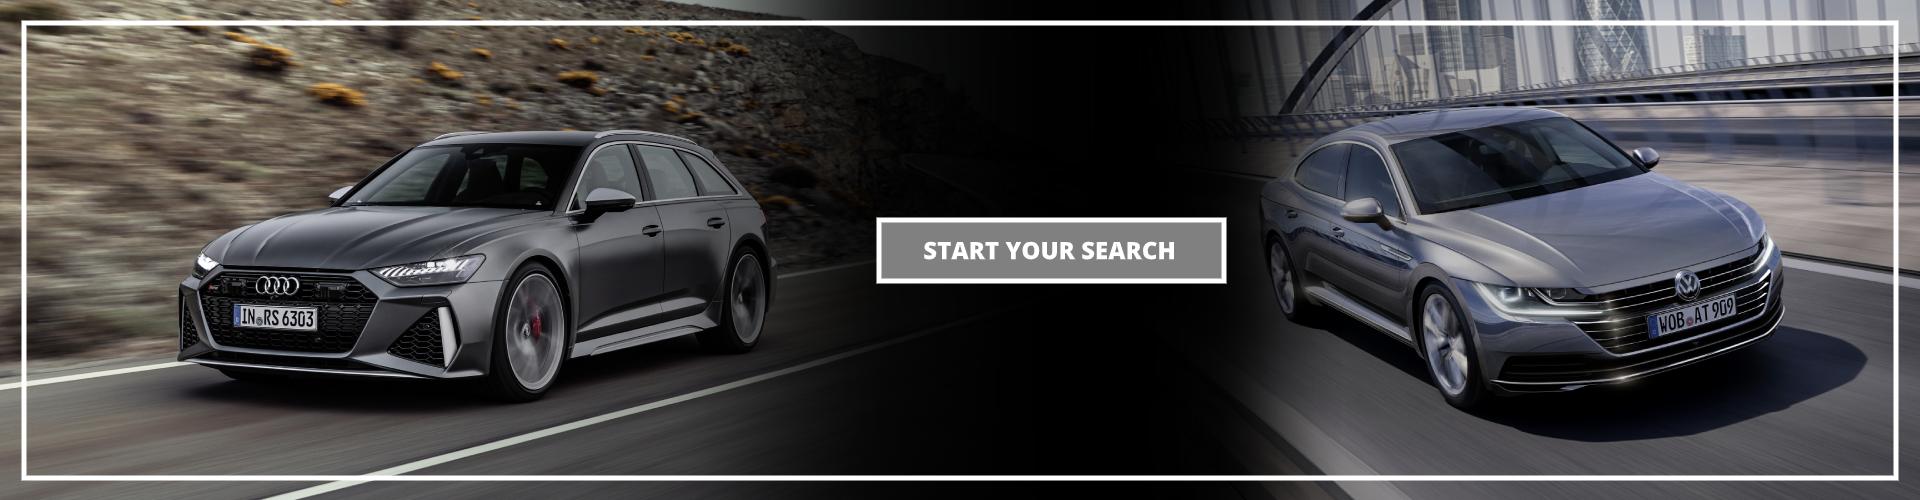 OEM Audi and Volkswagen